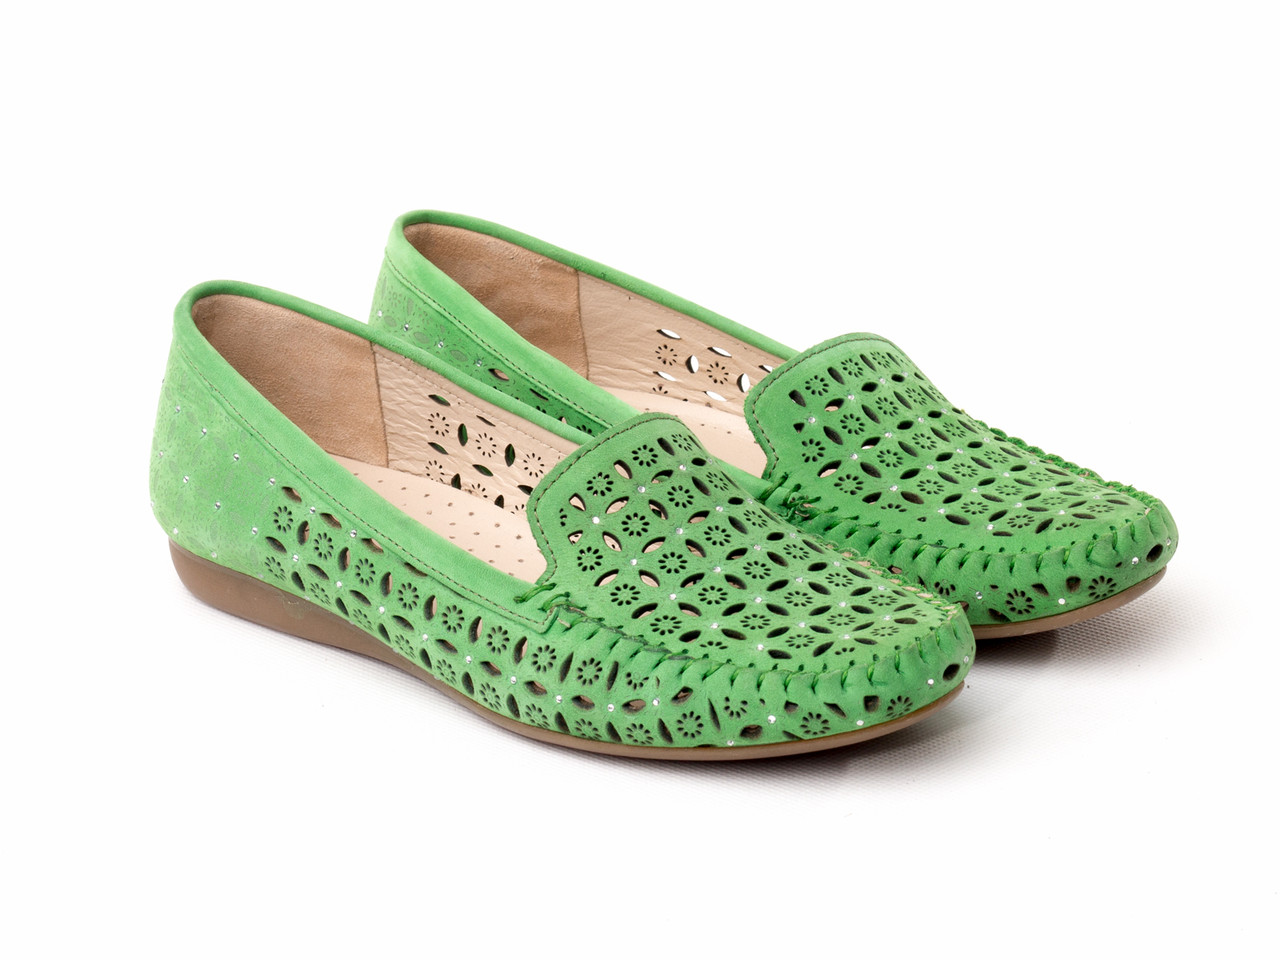 Мокасины BERTAN 2618-3010-4448 36 зеленые